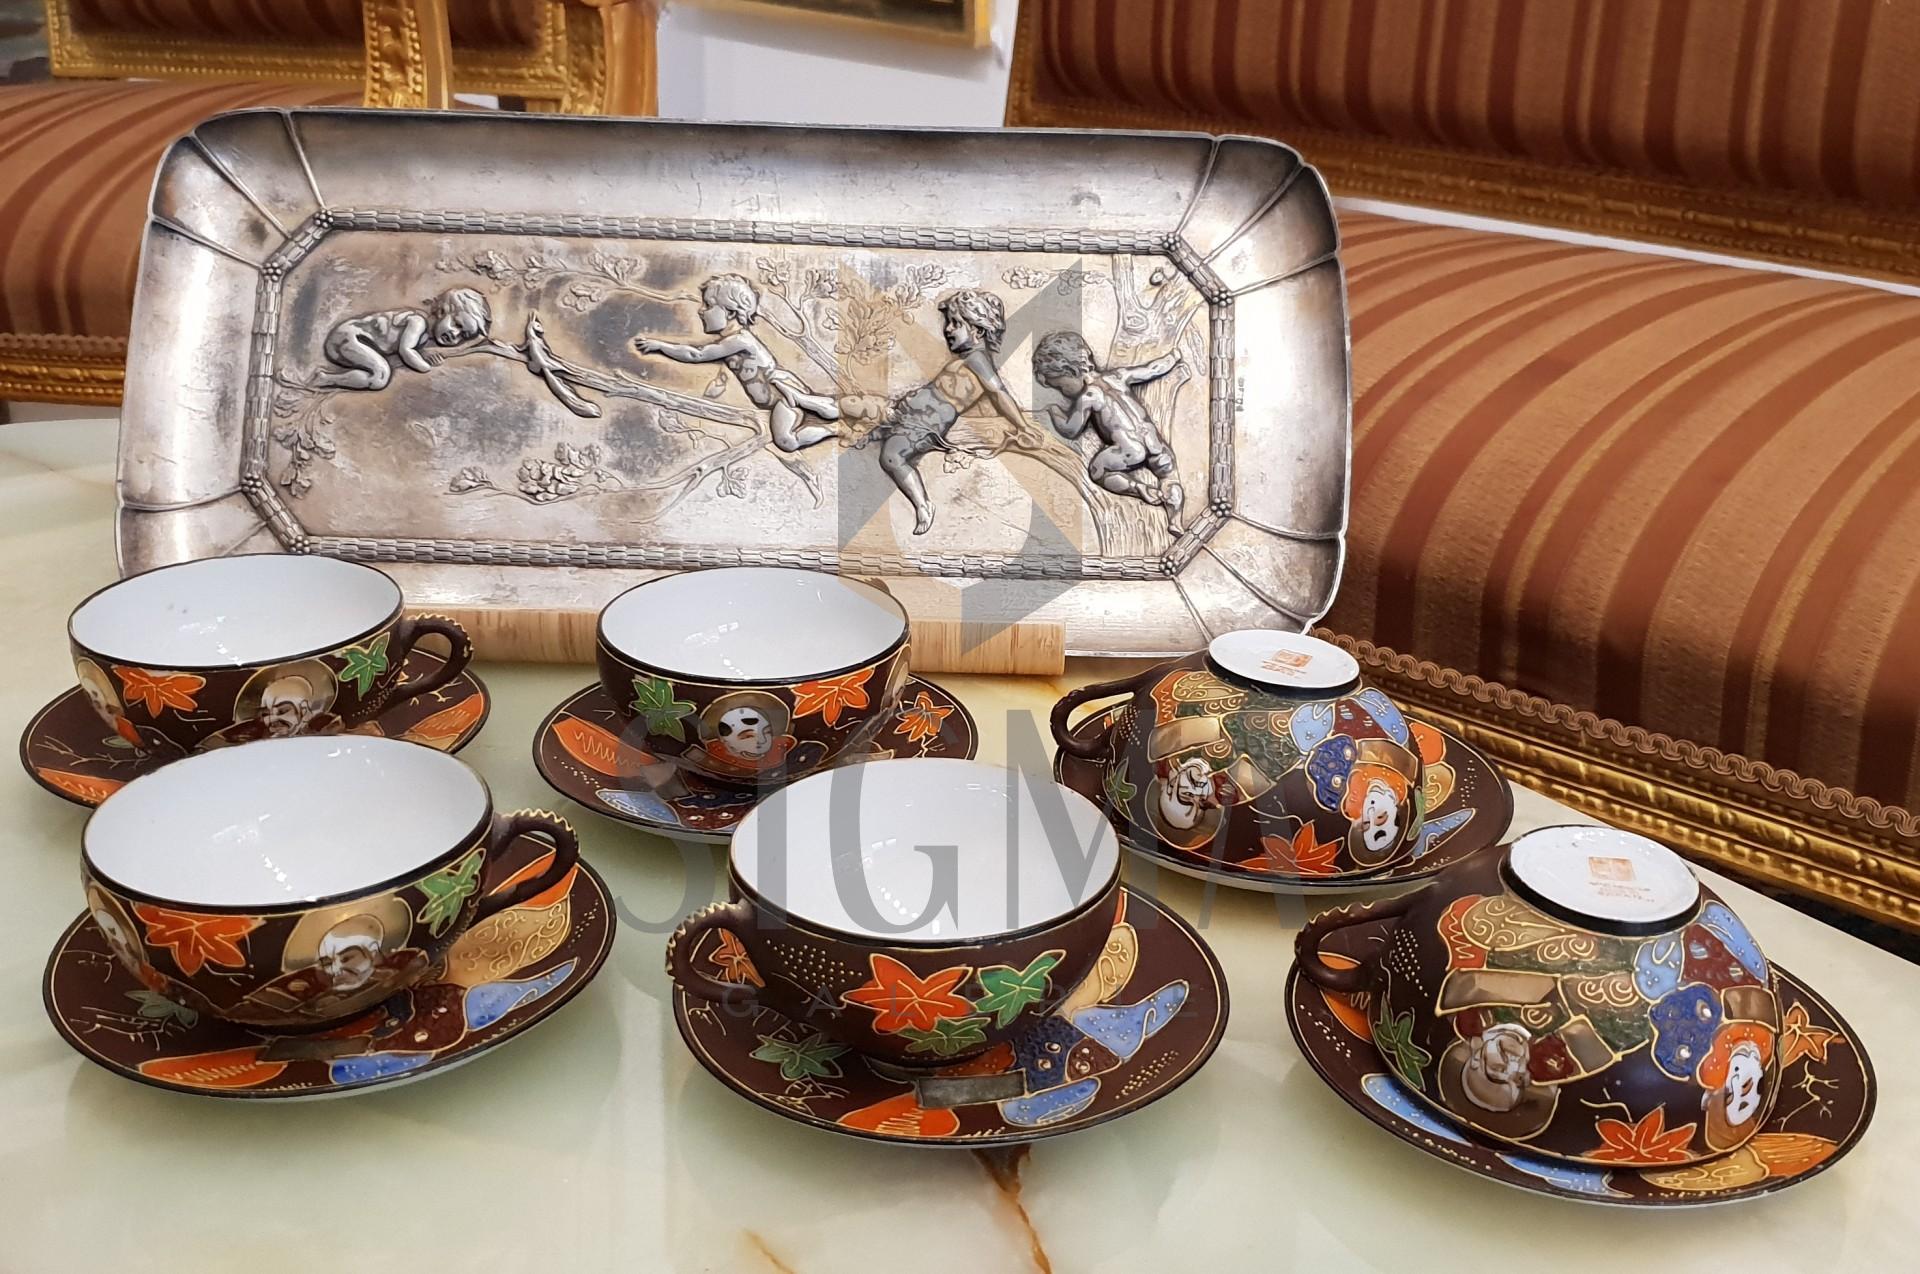 Serviciu chinezesc de ceai, cafea. Pictat manual.